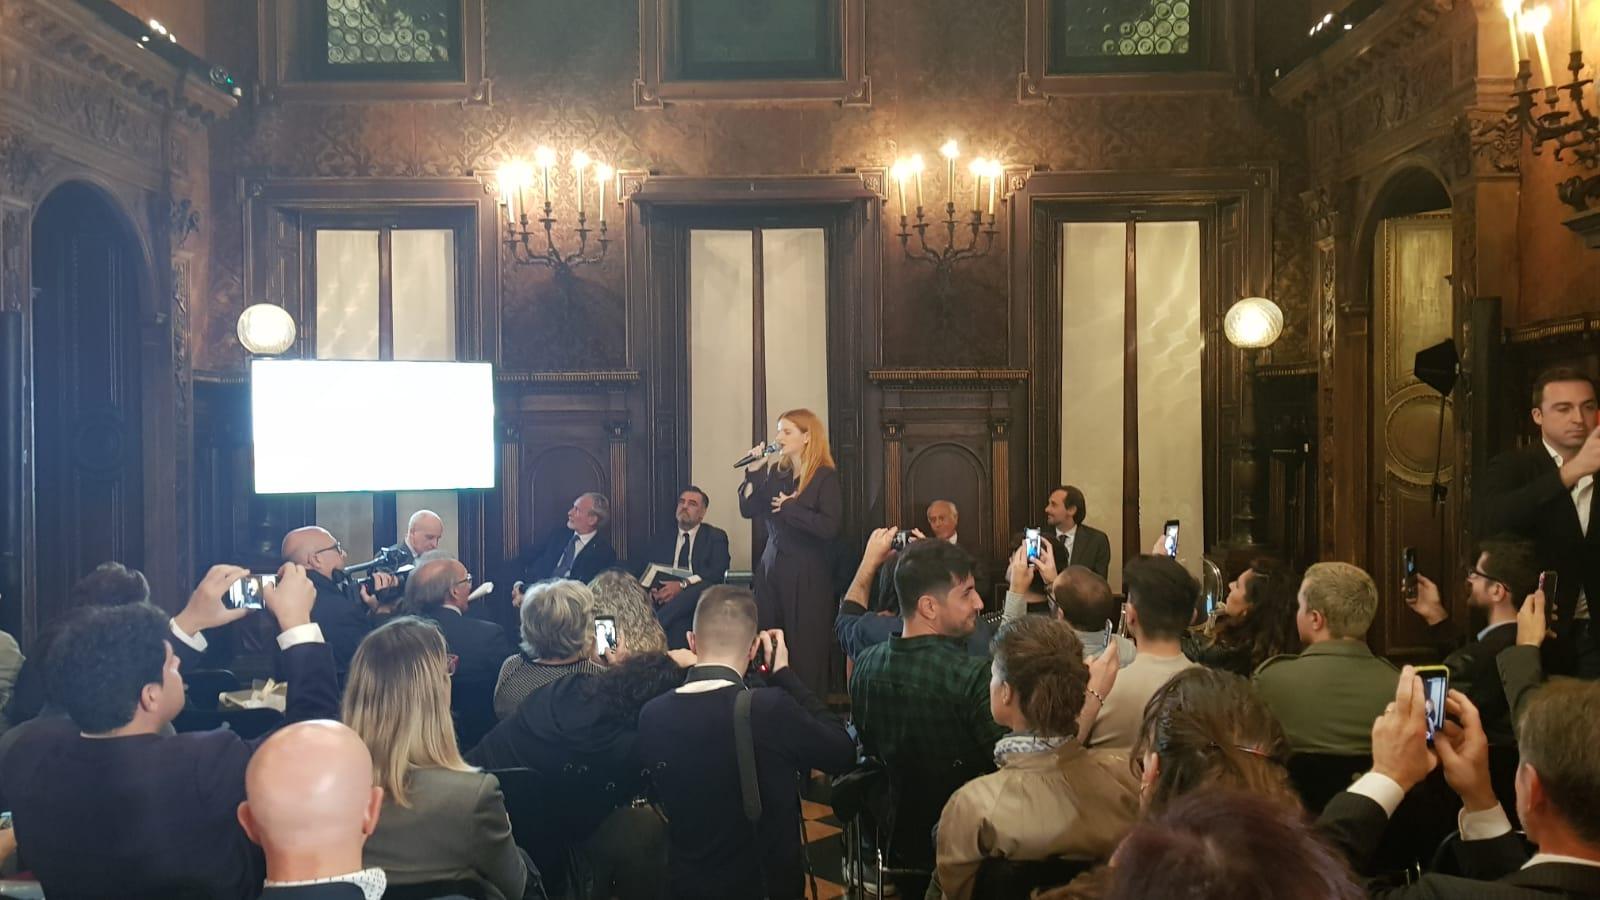 Chiara Galiazzo - Magnifico Donare. Credit by: Pro Format Comunicazione